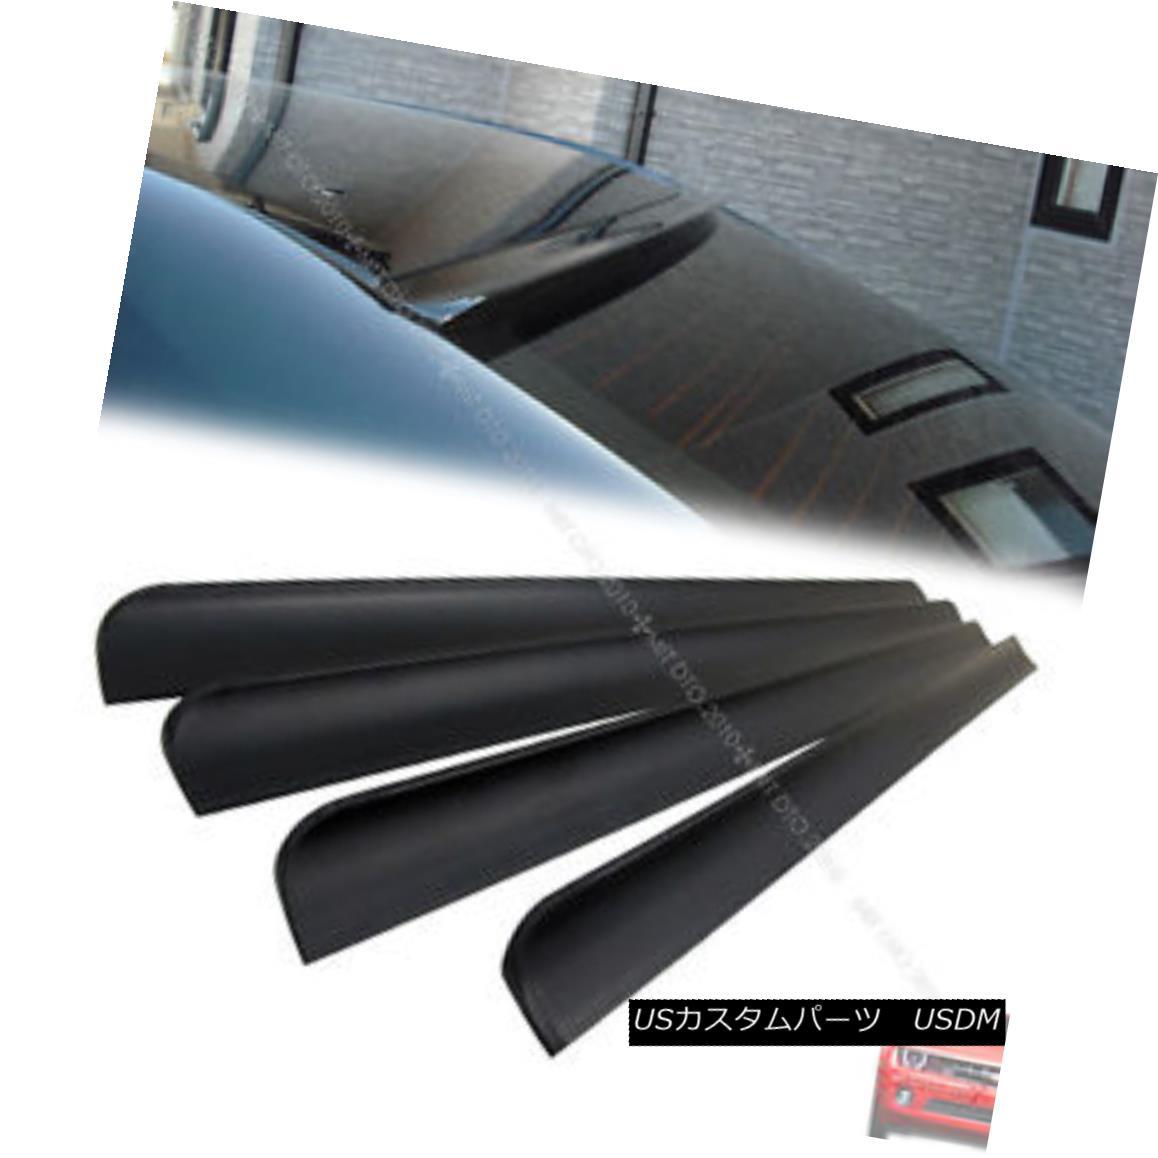 エアロパーツ Unpainted Mercedes BENZ E-Class W212 Sedan Rear Roof Lip Spoiler Wing 10-16 § 未塗装メルセデスベンツEクラスW212セダンリアルーフスポイラーウィング10-16